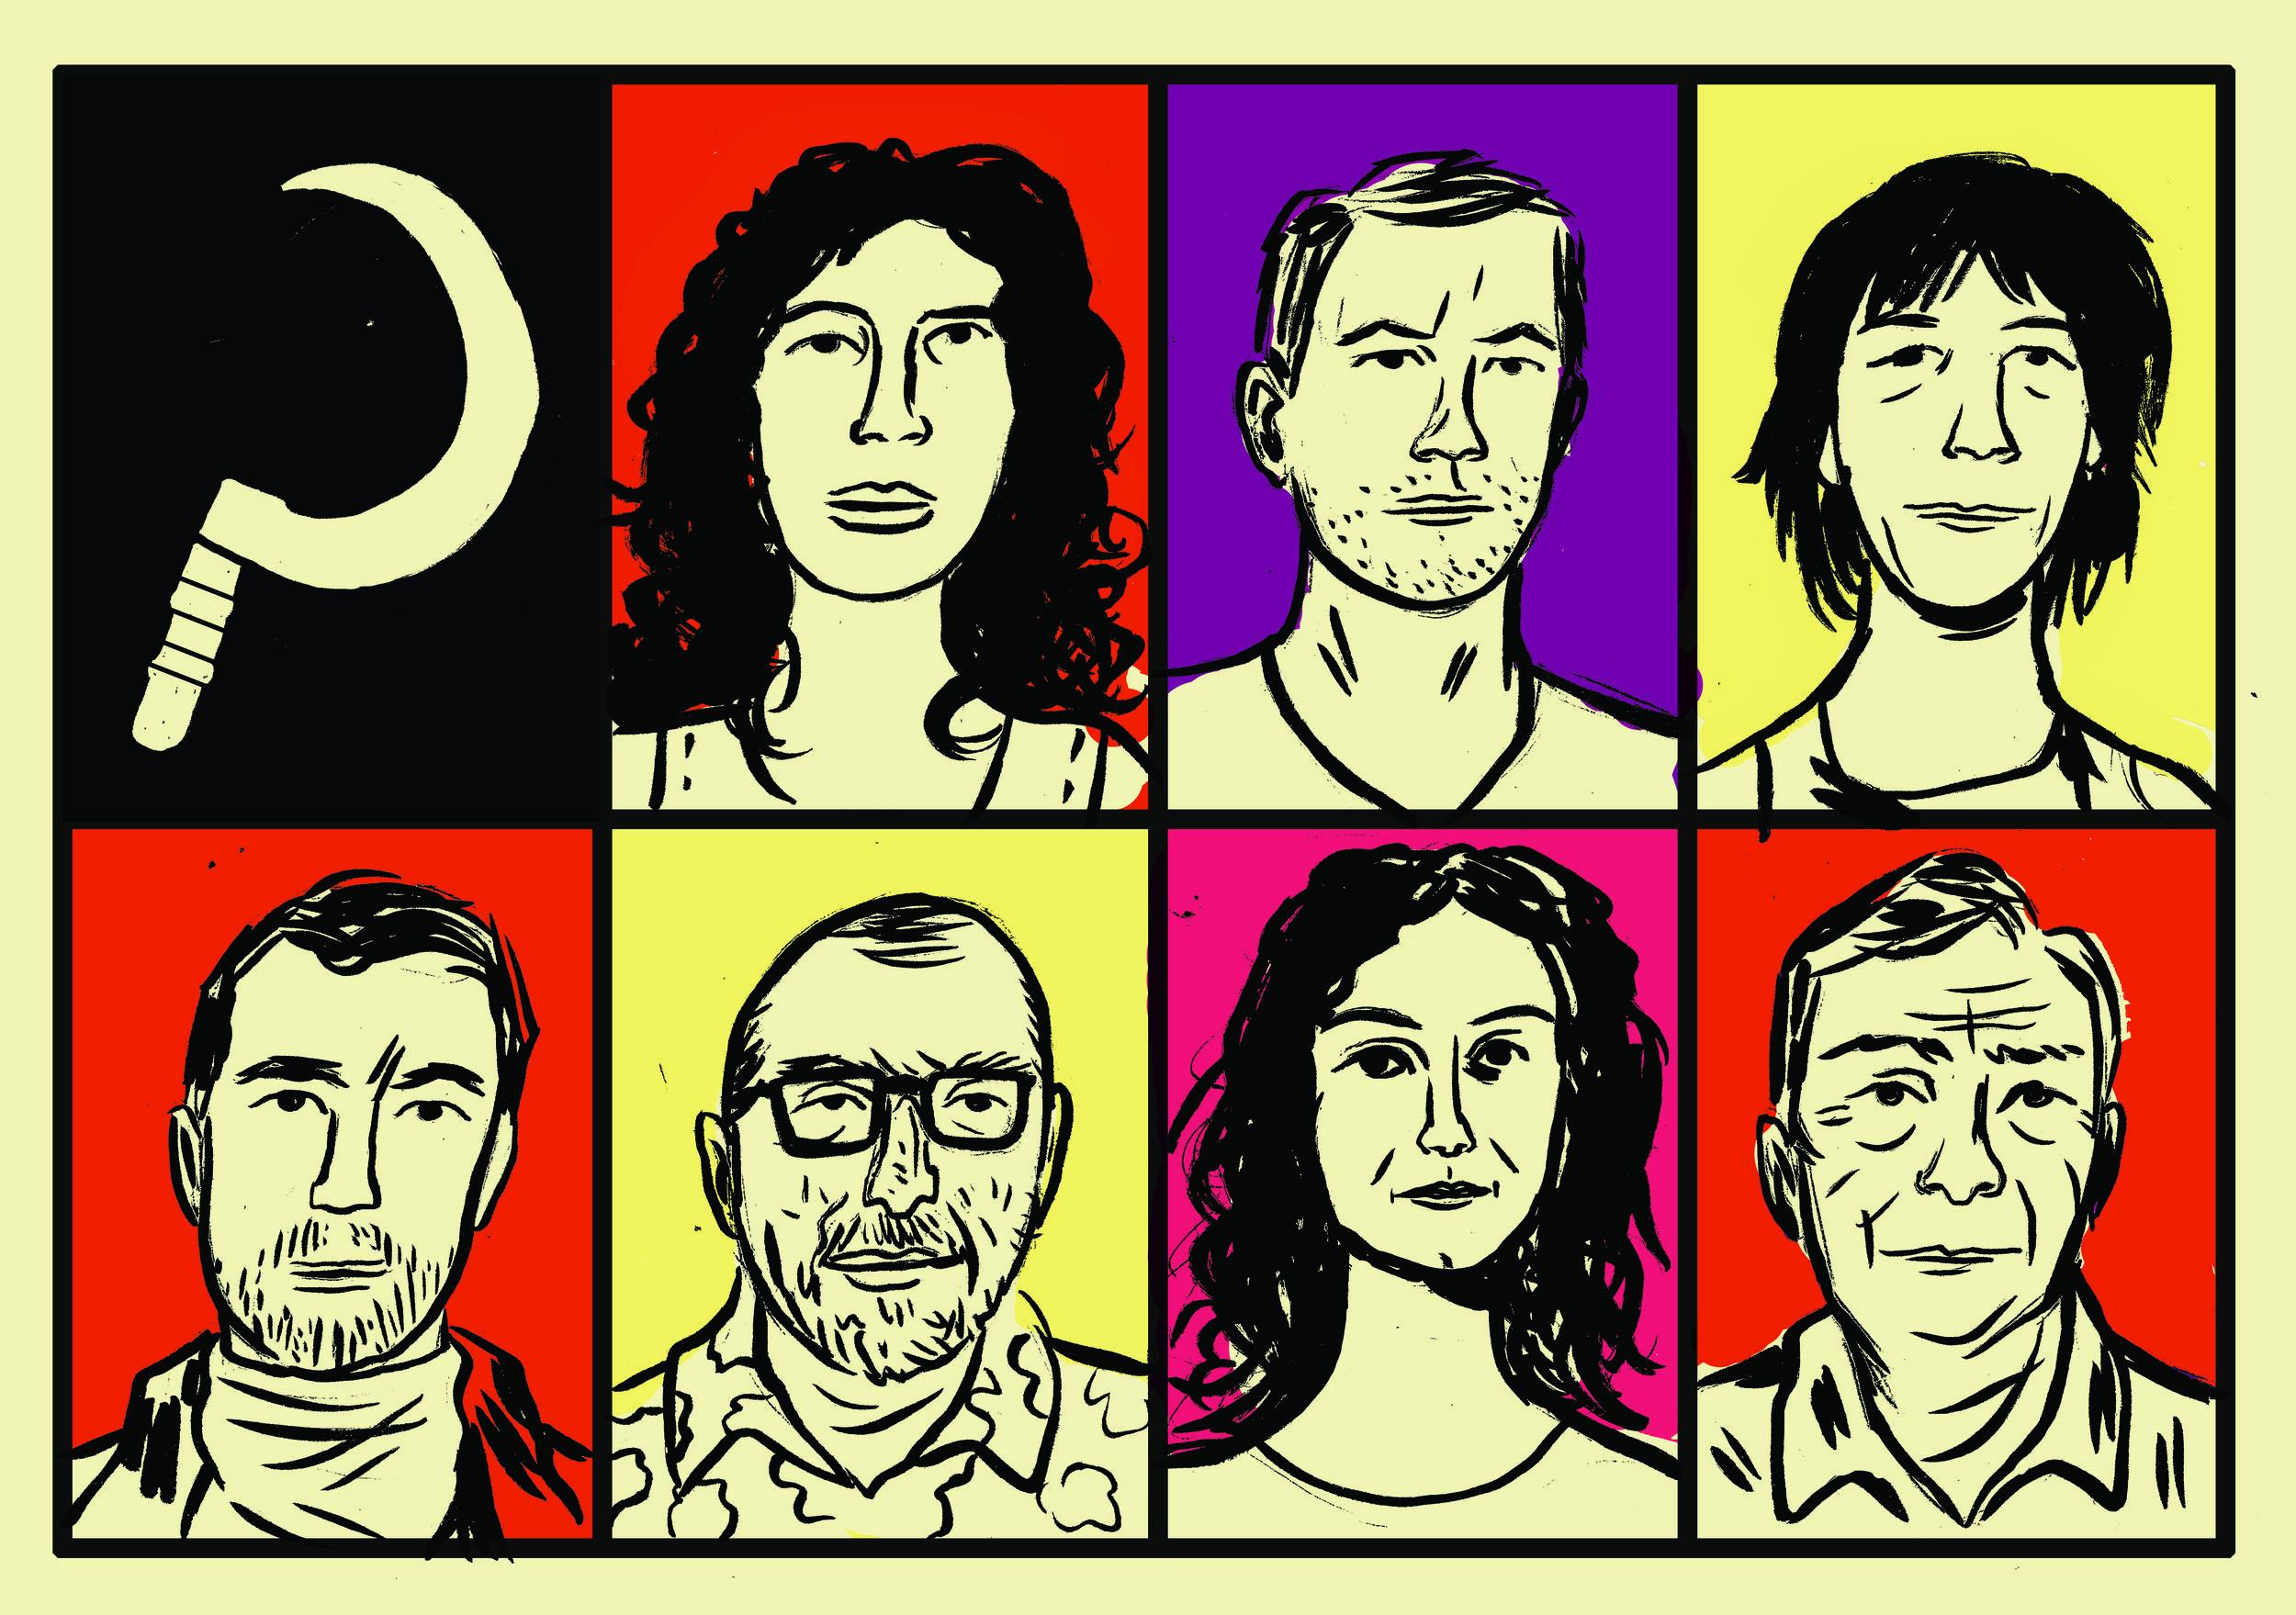 Ana Paula Maia, Carlos Brito e Mello, Noemi Jaffe; Alexandre Soares Silva, Xico Sá, Tatiana Salem Levy, Jaime Prado Gouvêa